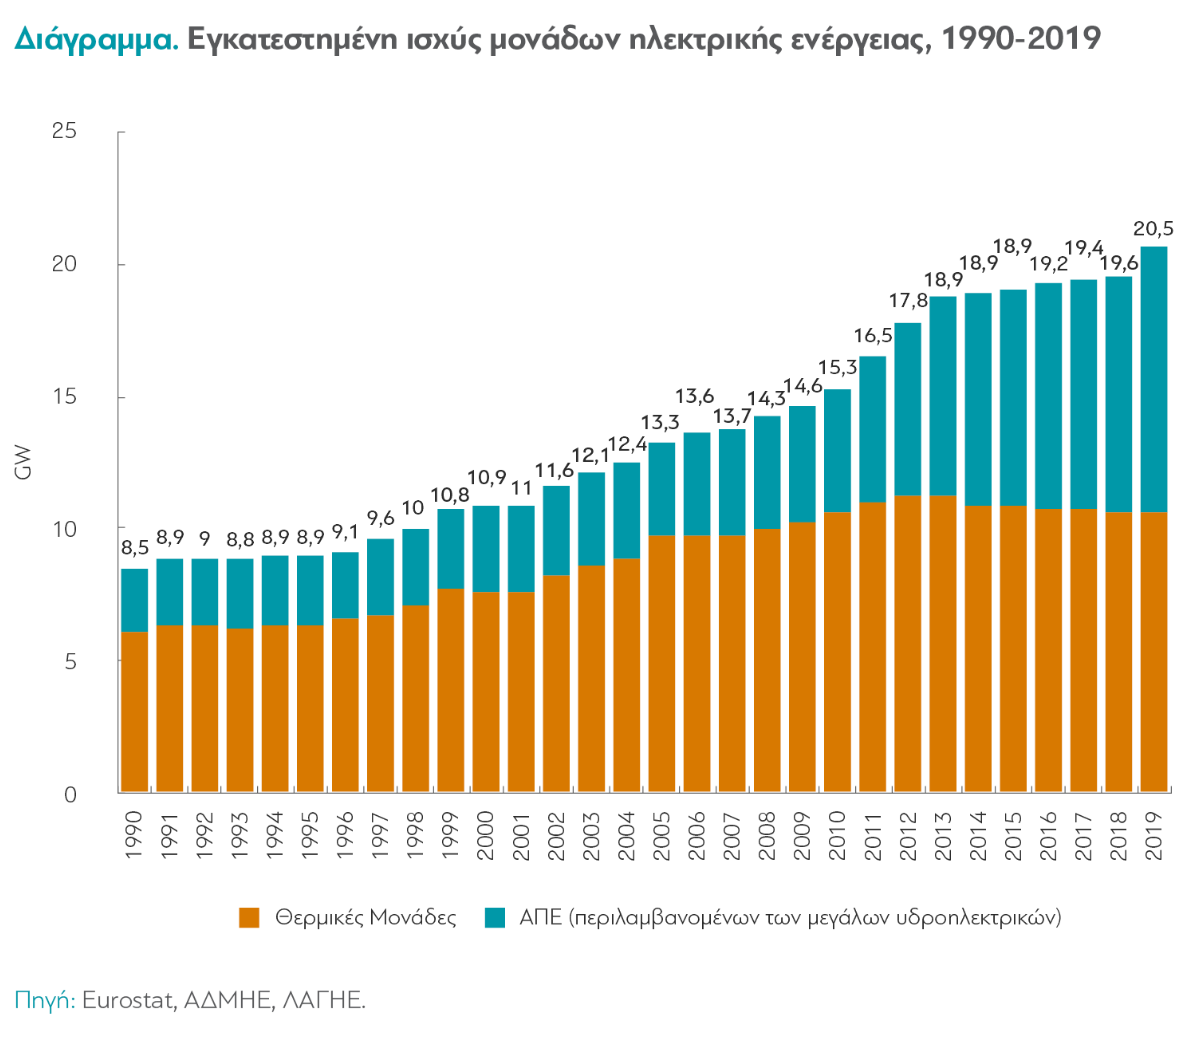 ΔιαΝΕΟσις: Ο Τομέας της Ενέργειας στην Ελλάδα (γραφικά)